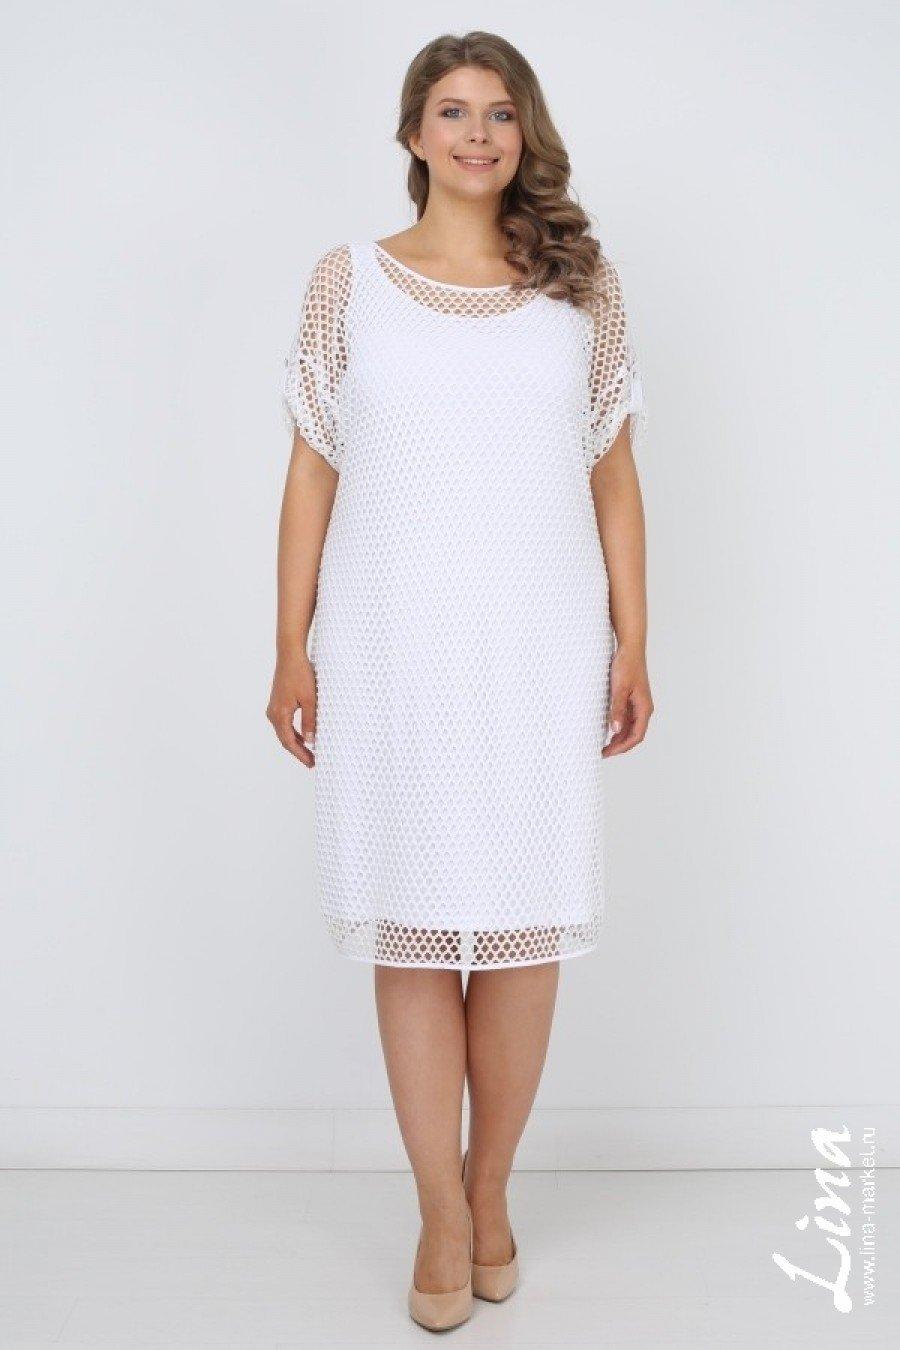 Модні літні сукні для повних жінок  100+ новинок сезону dd92606fa0b1c